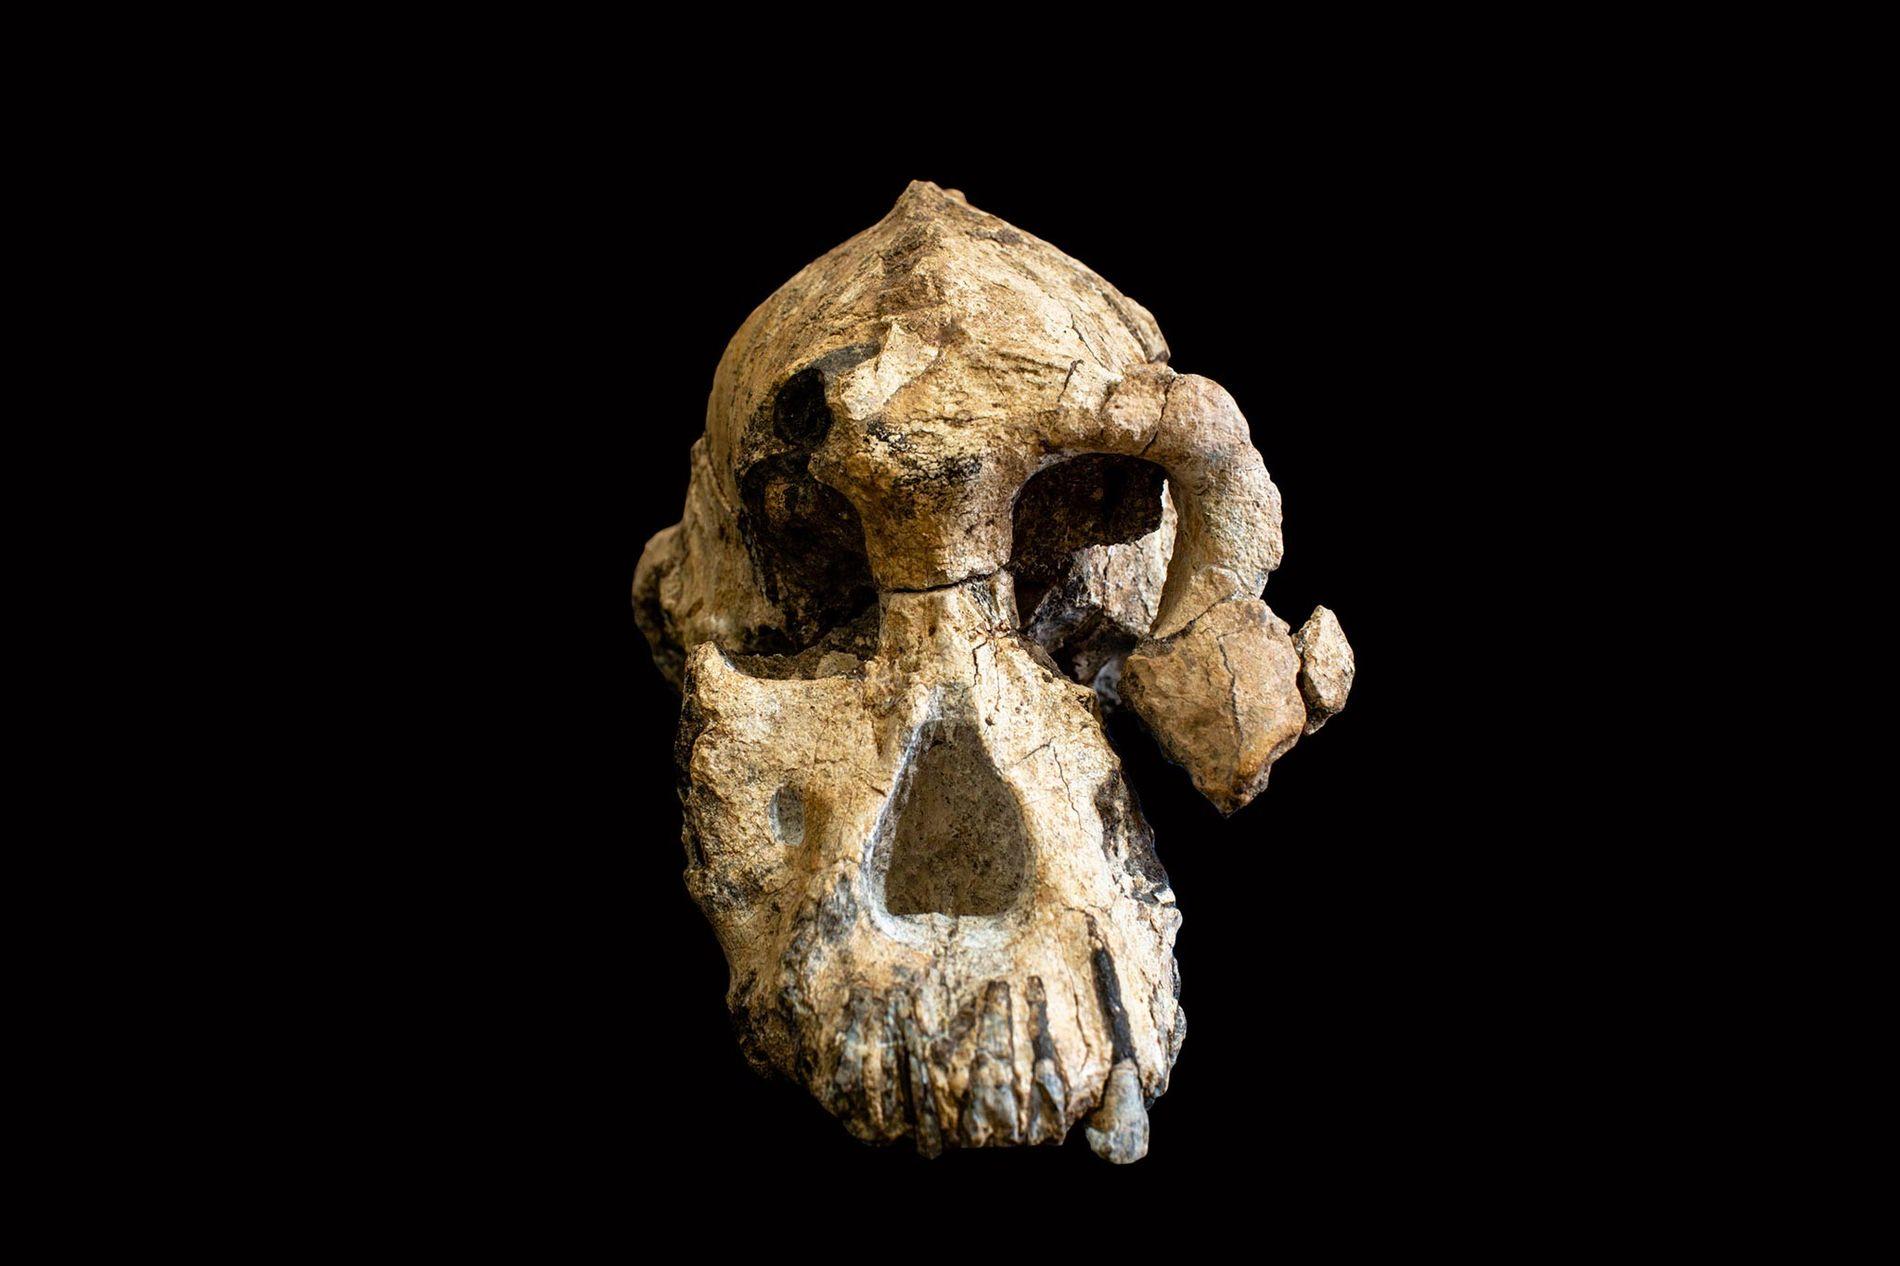 Officiellement nommé MRD-VP-1/1, ce nouveau crâne appartient à un ancien ancêtre humain appelé Australopithecus anamensis.